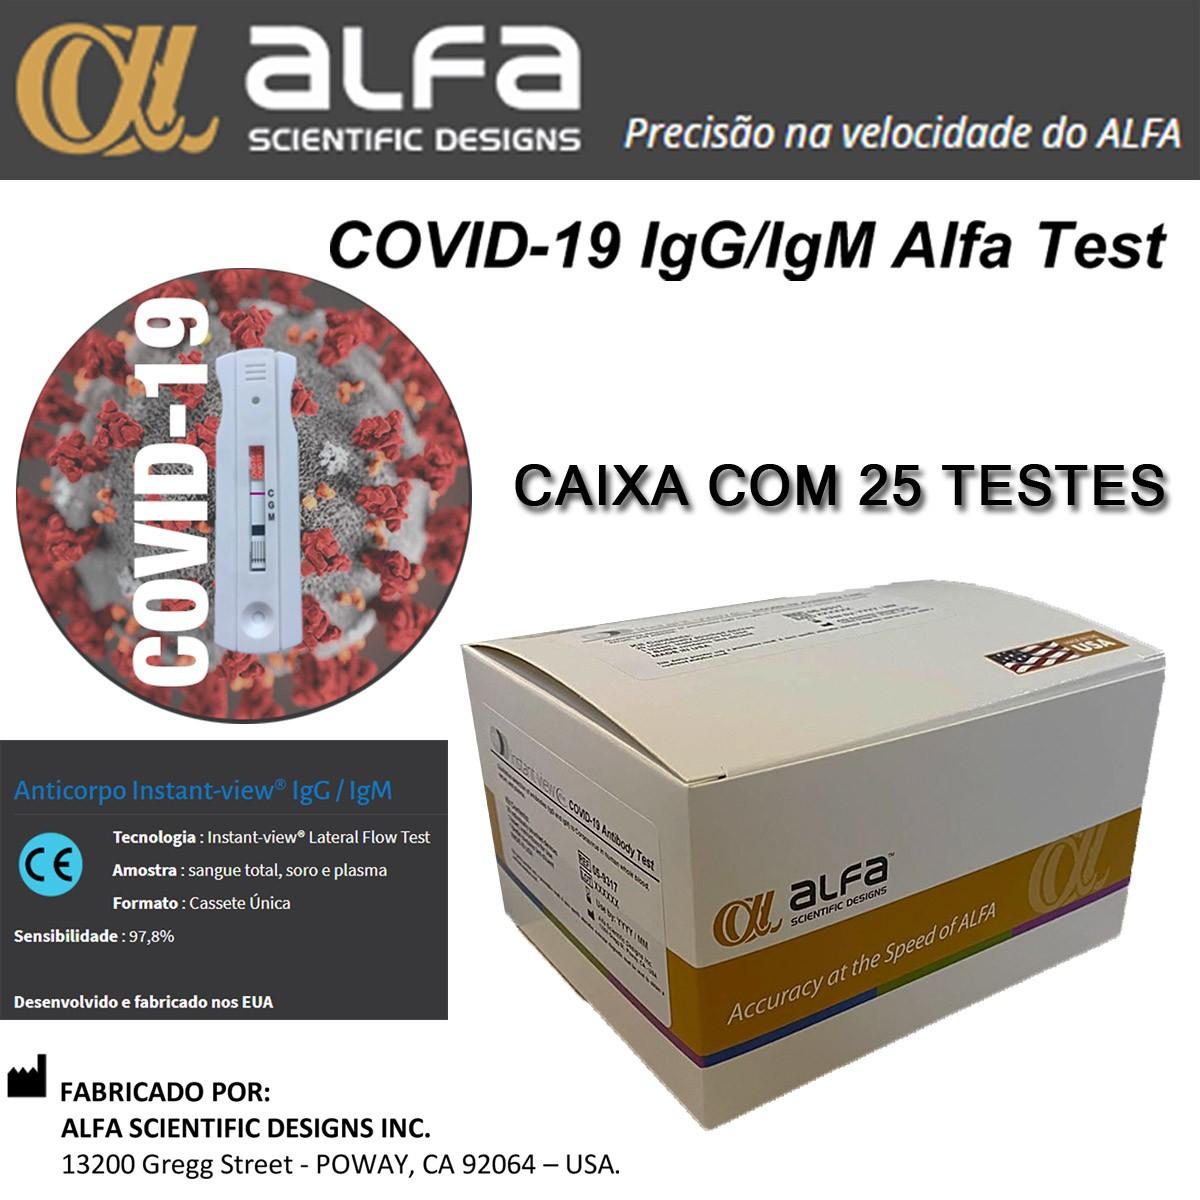 Teste Rápido COVID-19 IgM/IgG ALFA (USA) - Caixa com 25 unidades  - Testes Para Drogas e COVID-19. Máscaras e Como Parar de Beber e Fumar